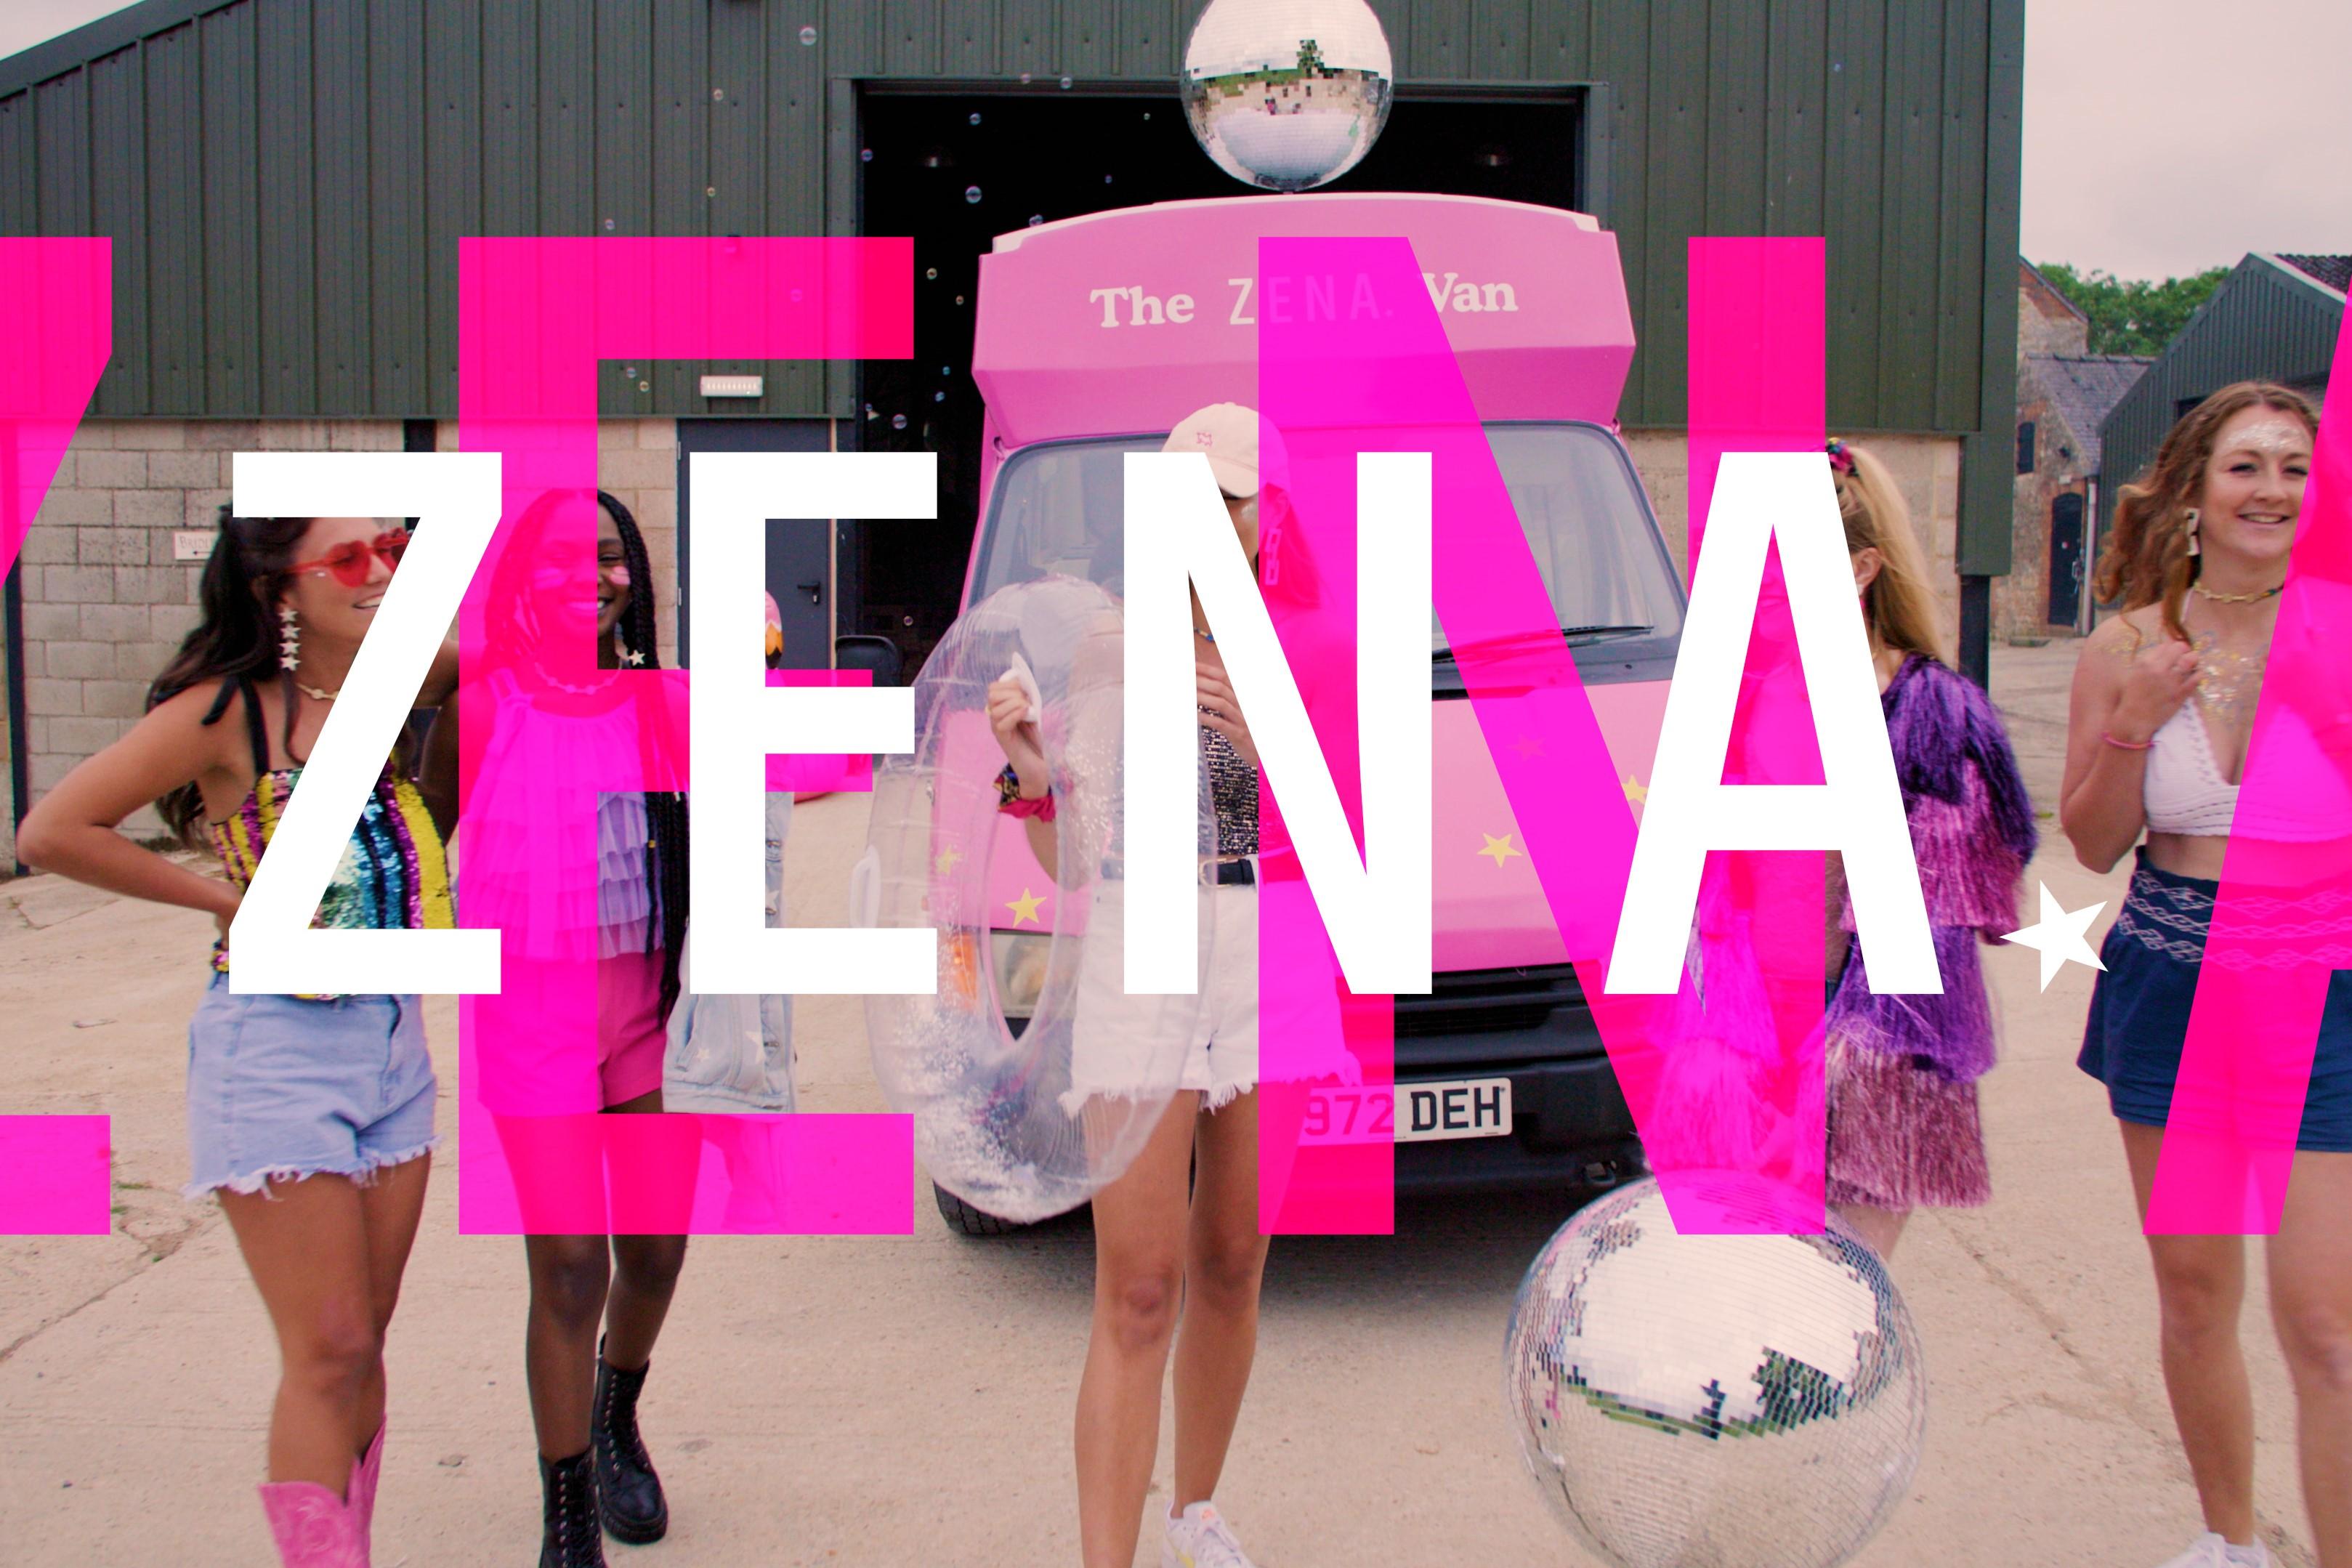 Zena truck launch video